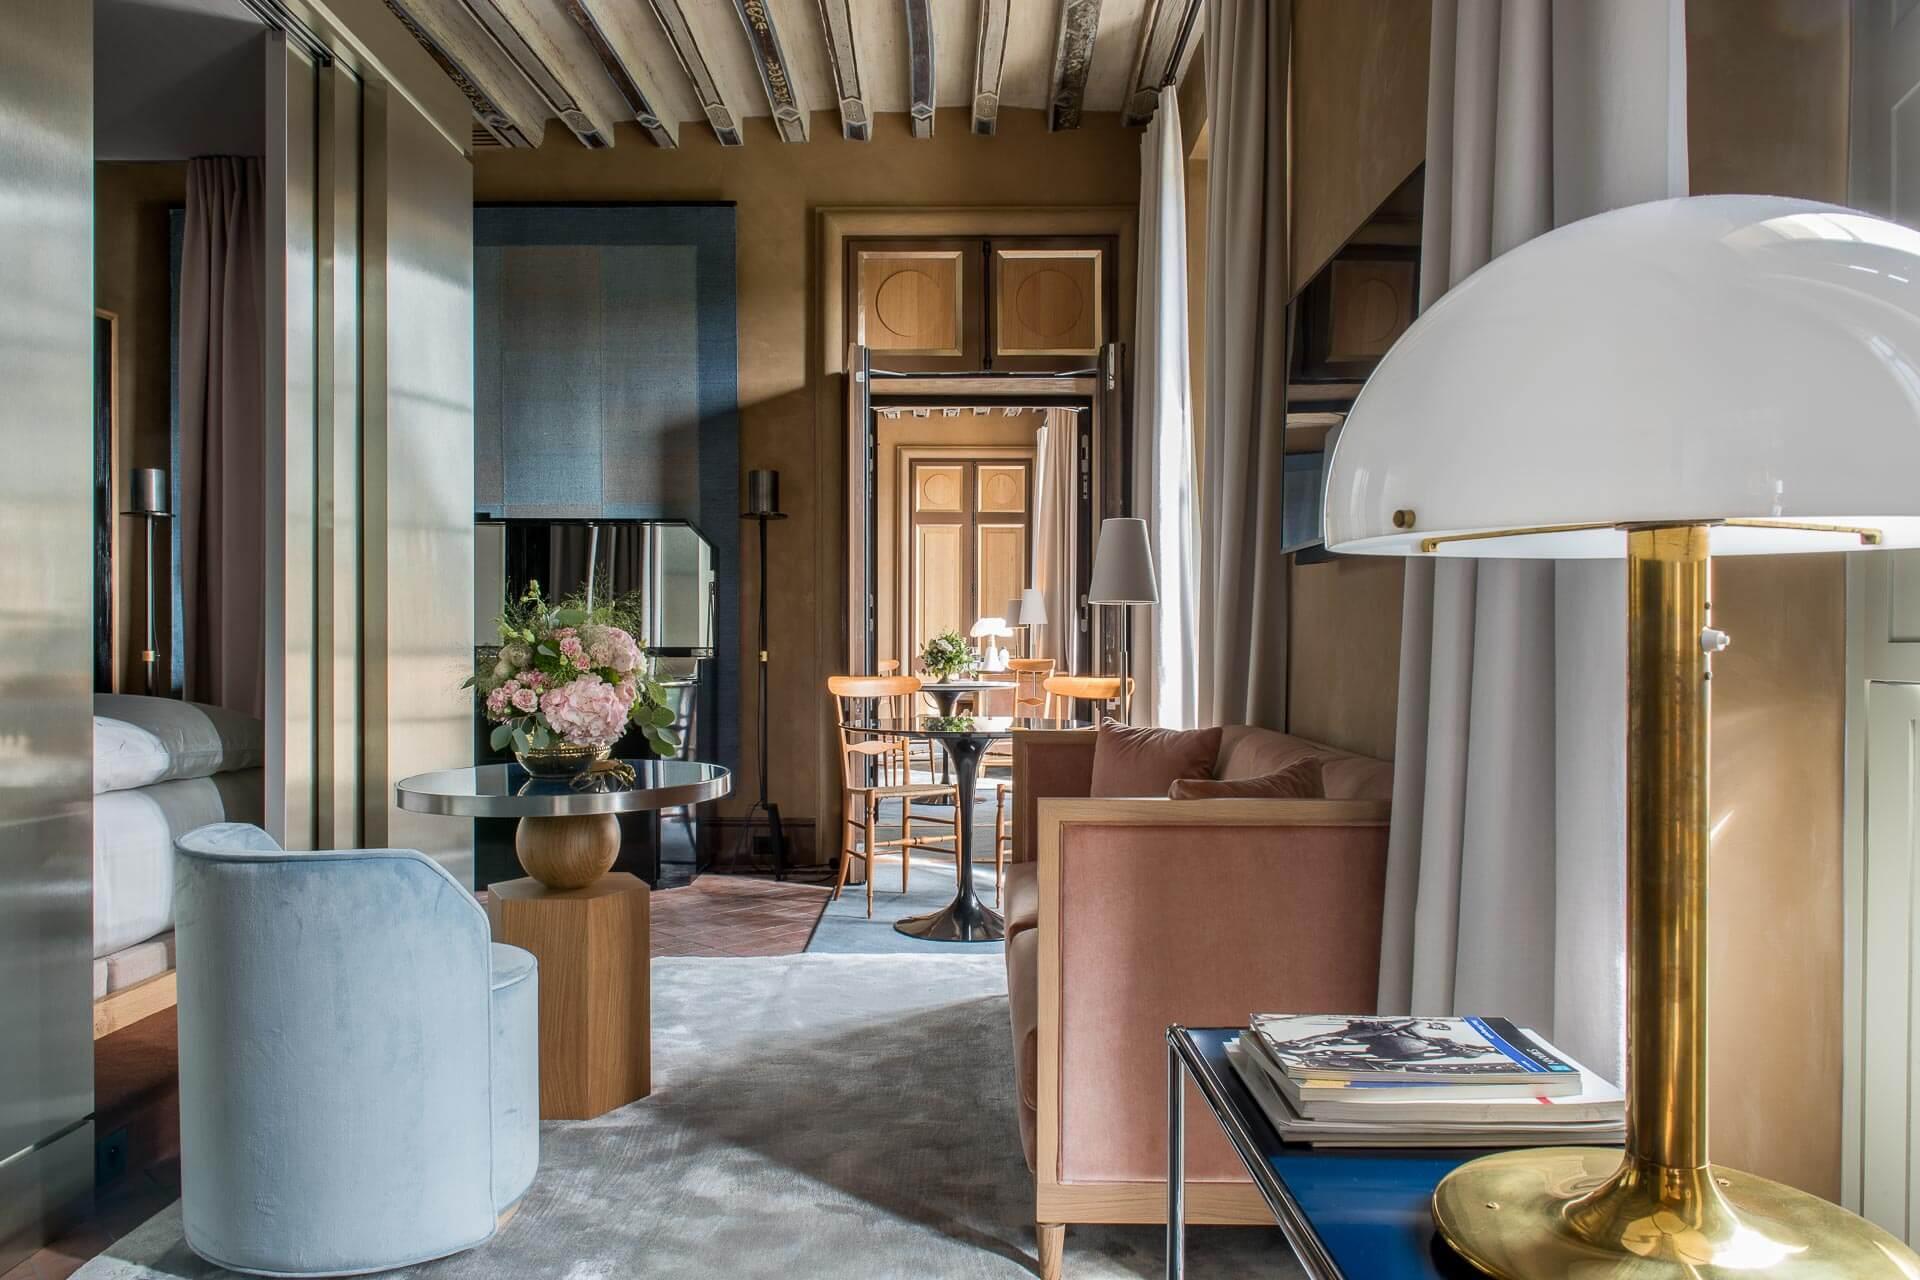 Les appartements parisiens du Cour des Vosges © Guillaume de Laubier